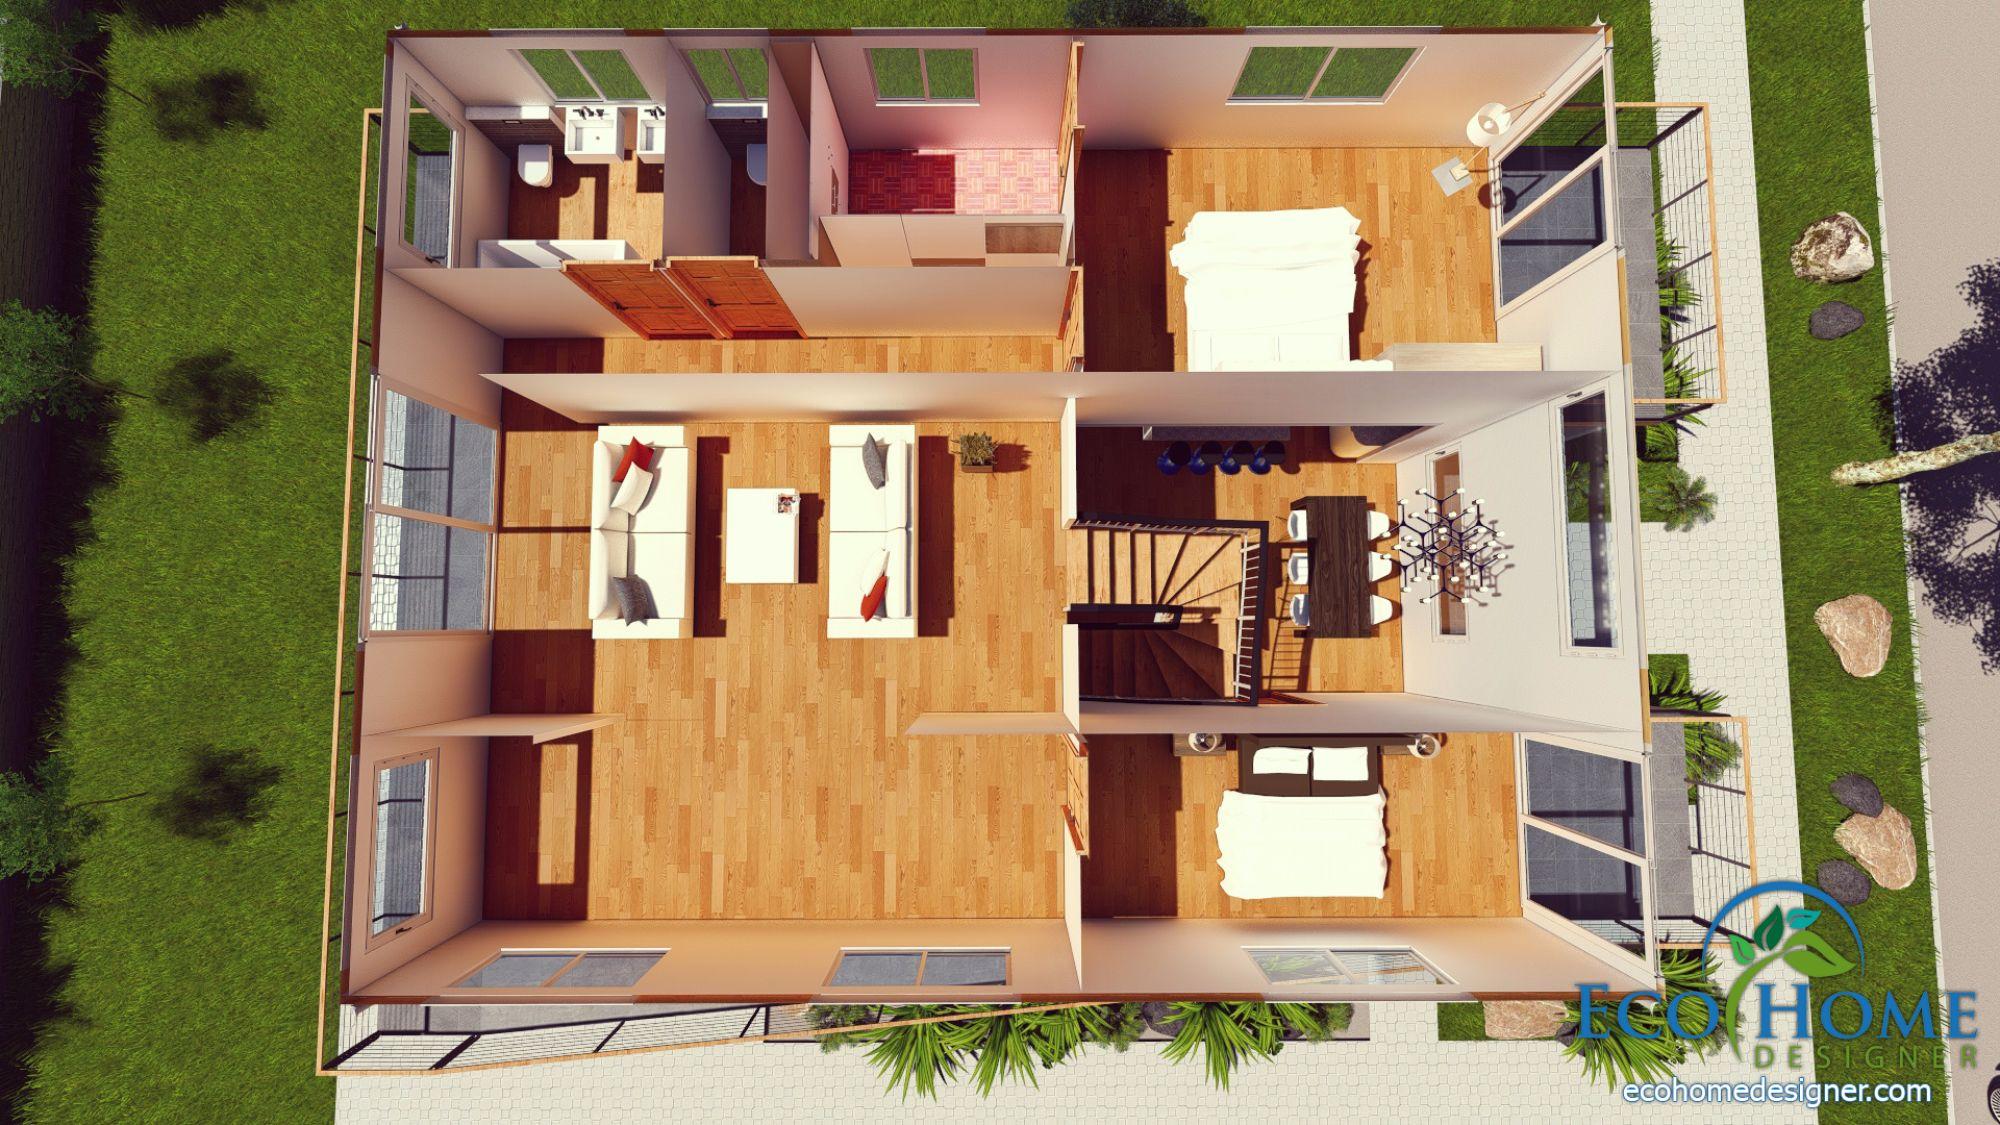 Bedroom Layout Dwg